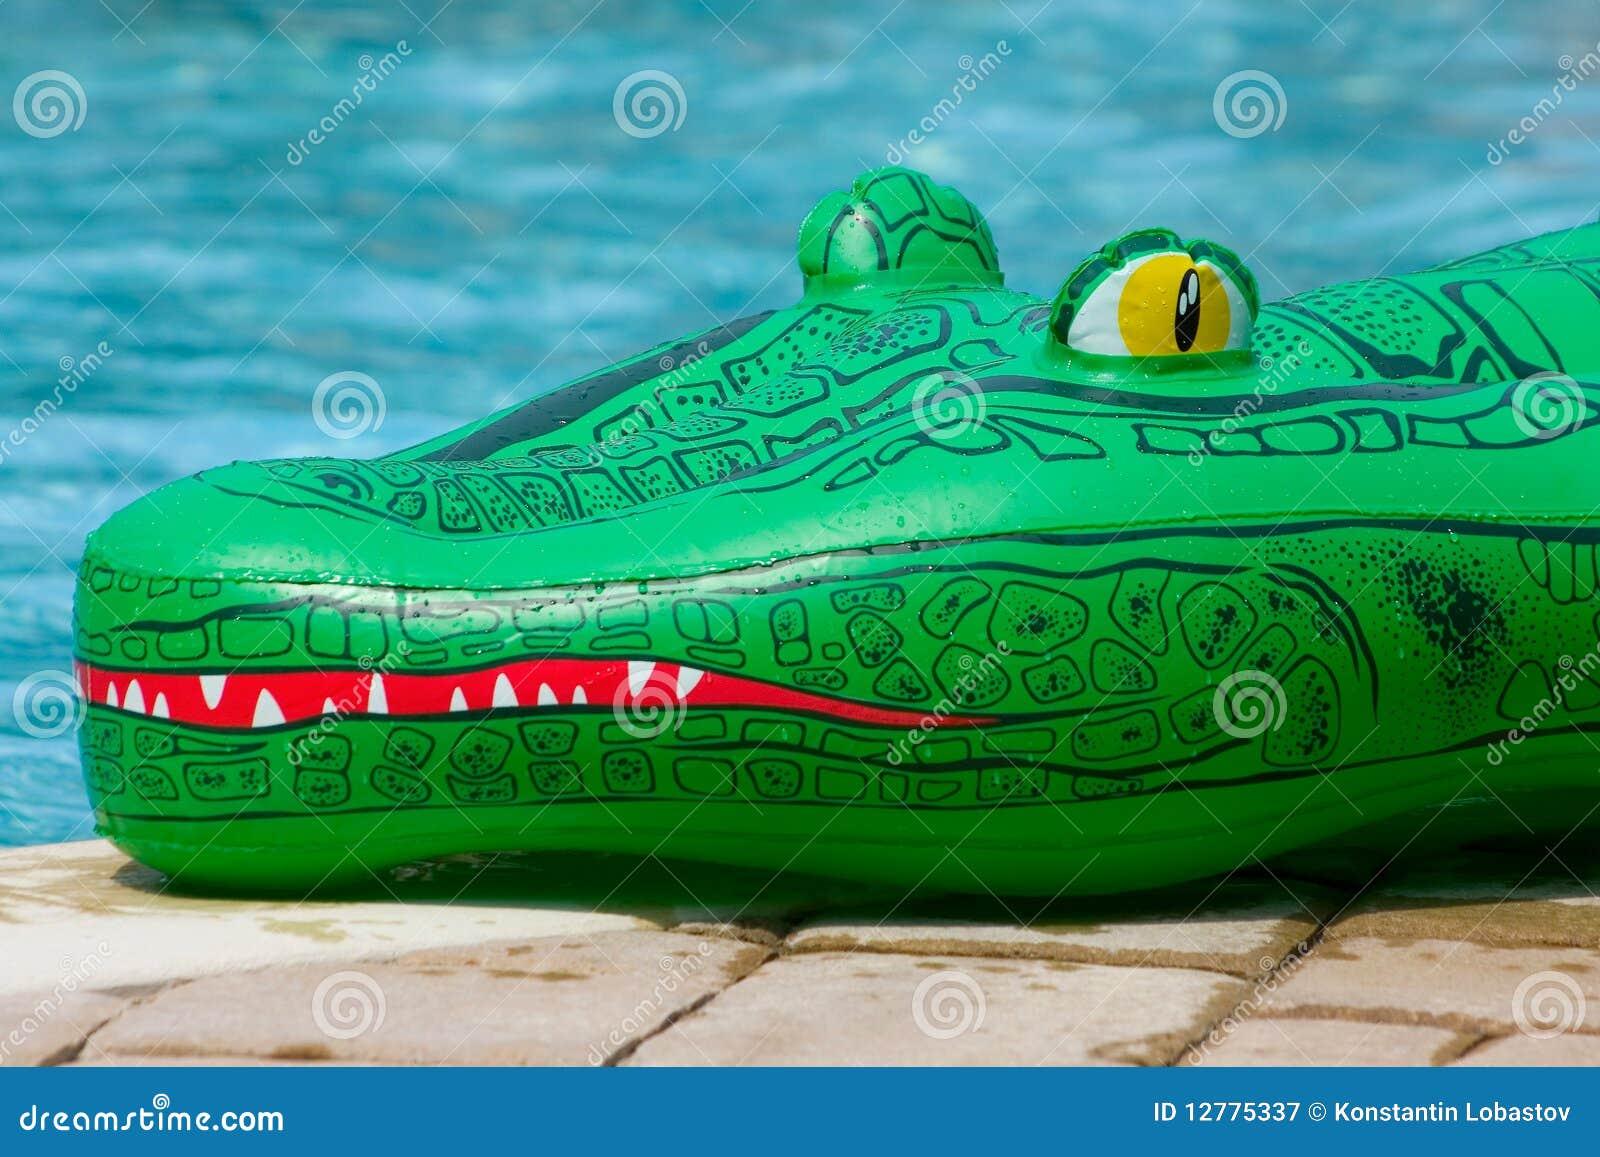 Alligator Inflatable ...